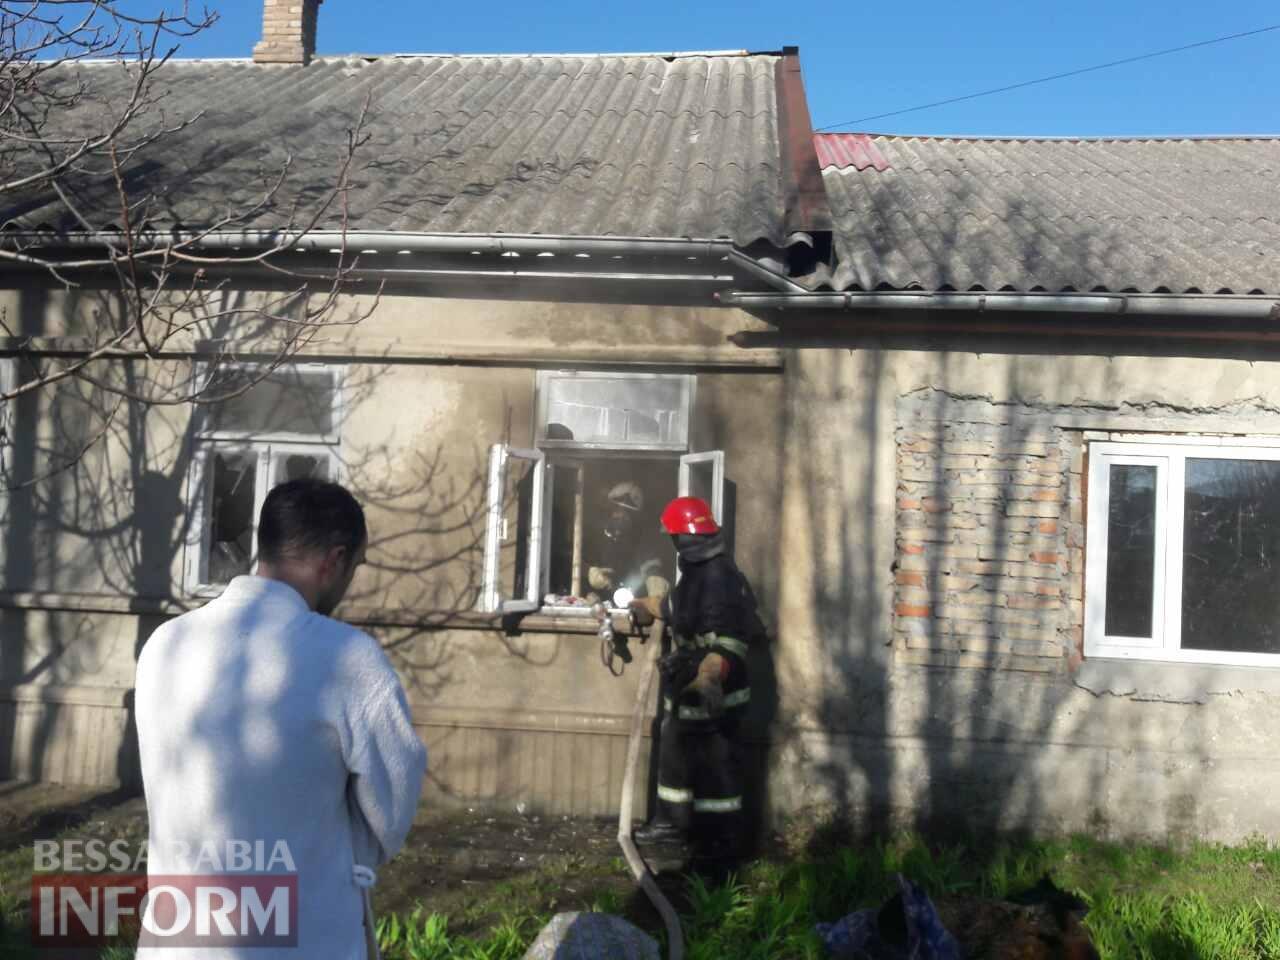 58d8c07790766_3457467 Утром в Измаиле произошел пожар в жилом доме